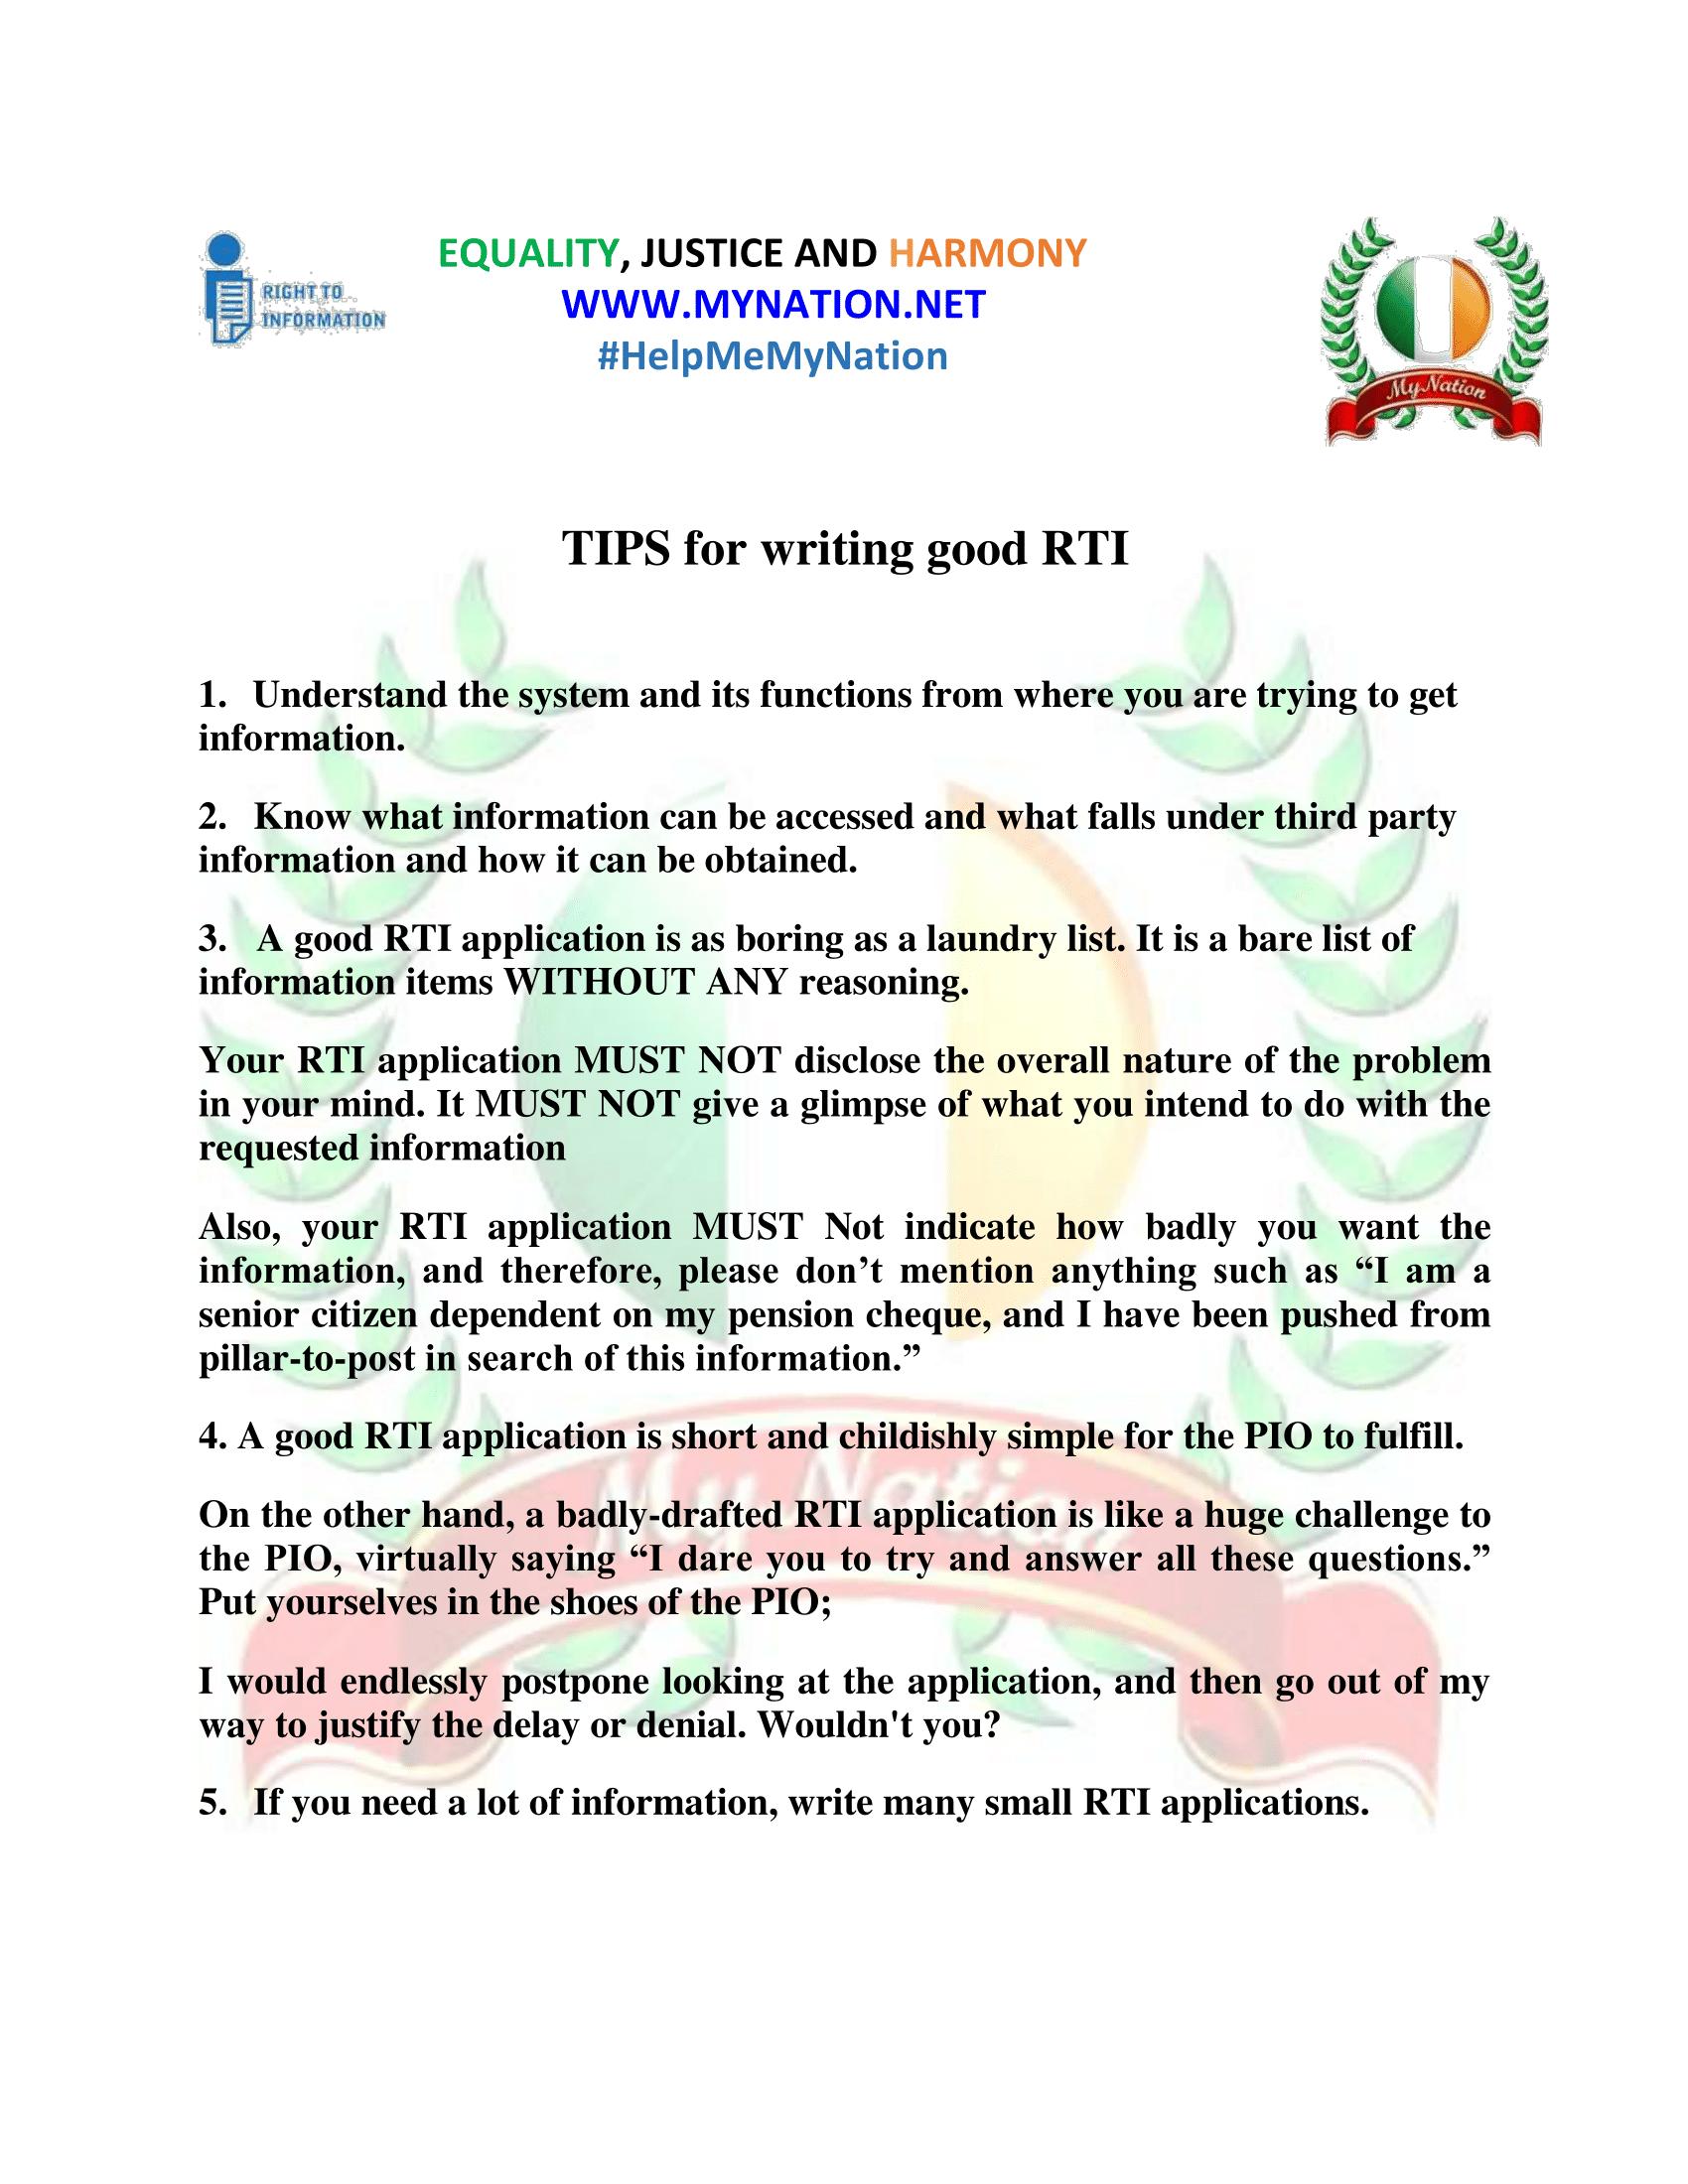 Tips for writing good RTI